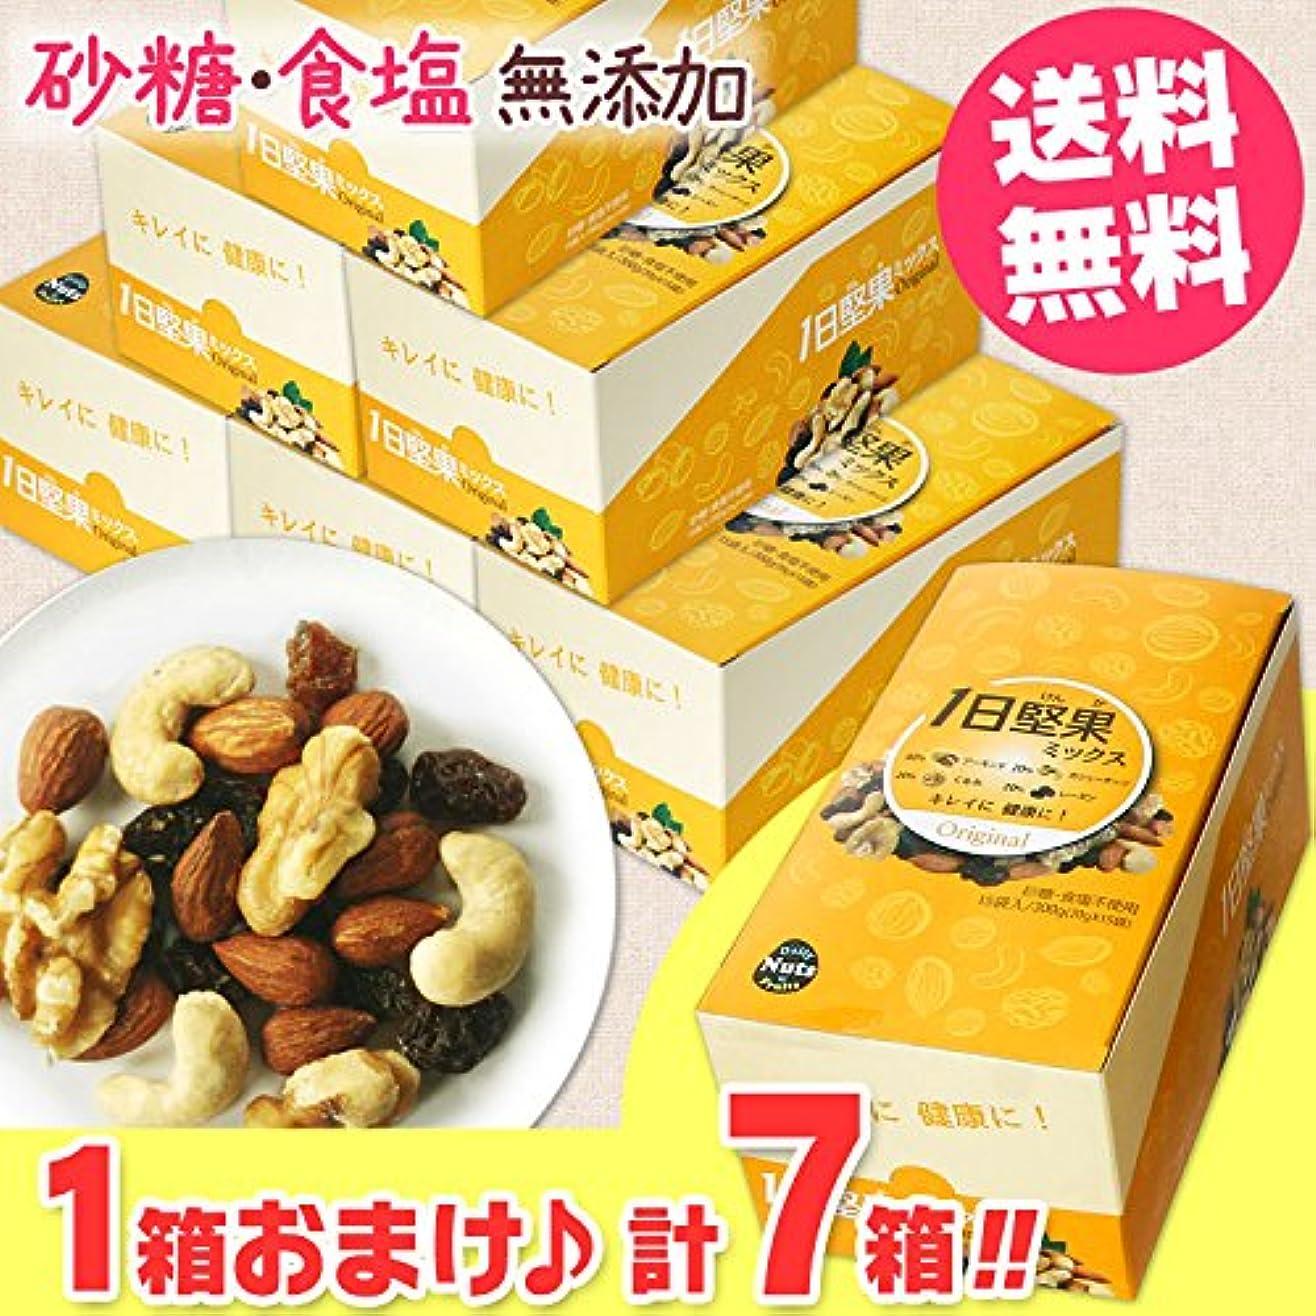 似ている意図的言語1日堅果ミックス オリジナル [15袋]◆6箱セット+1箱増量?